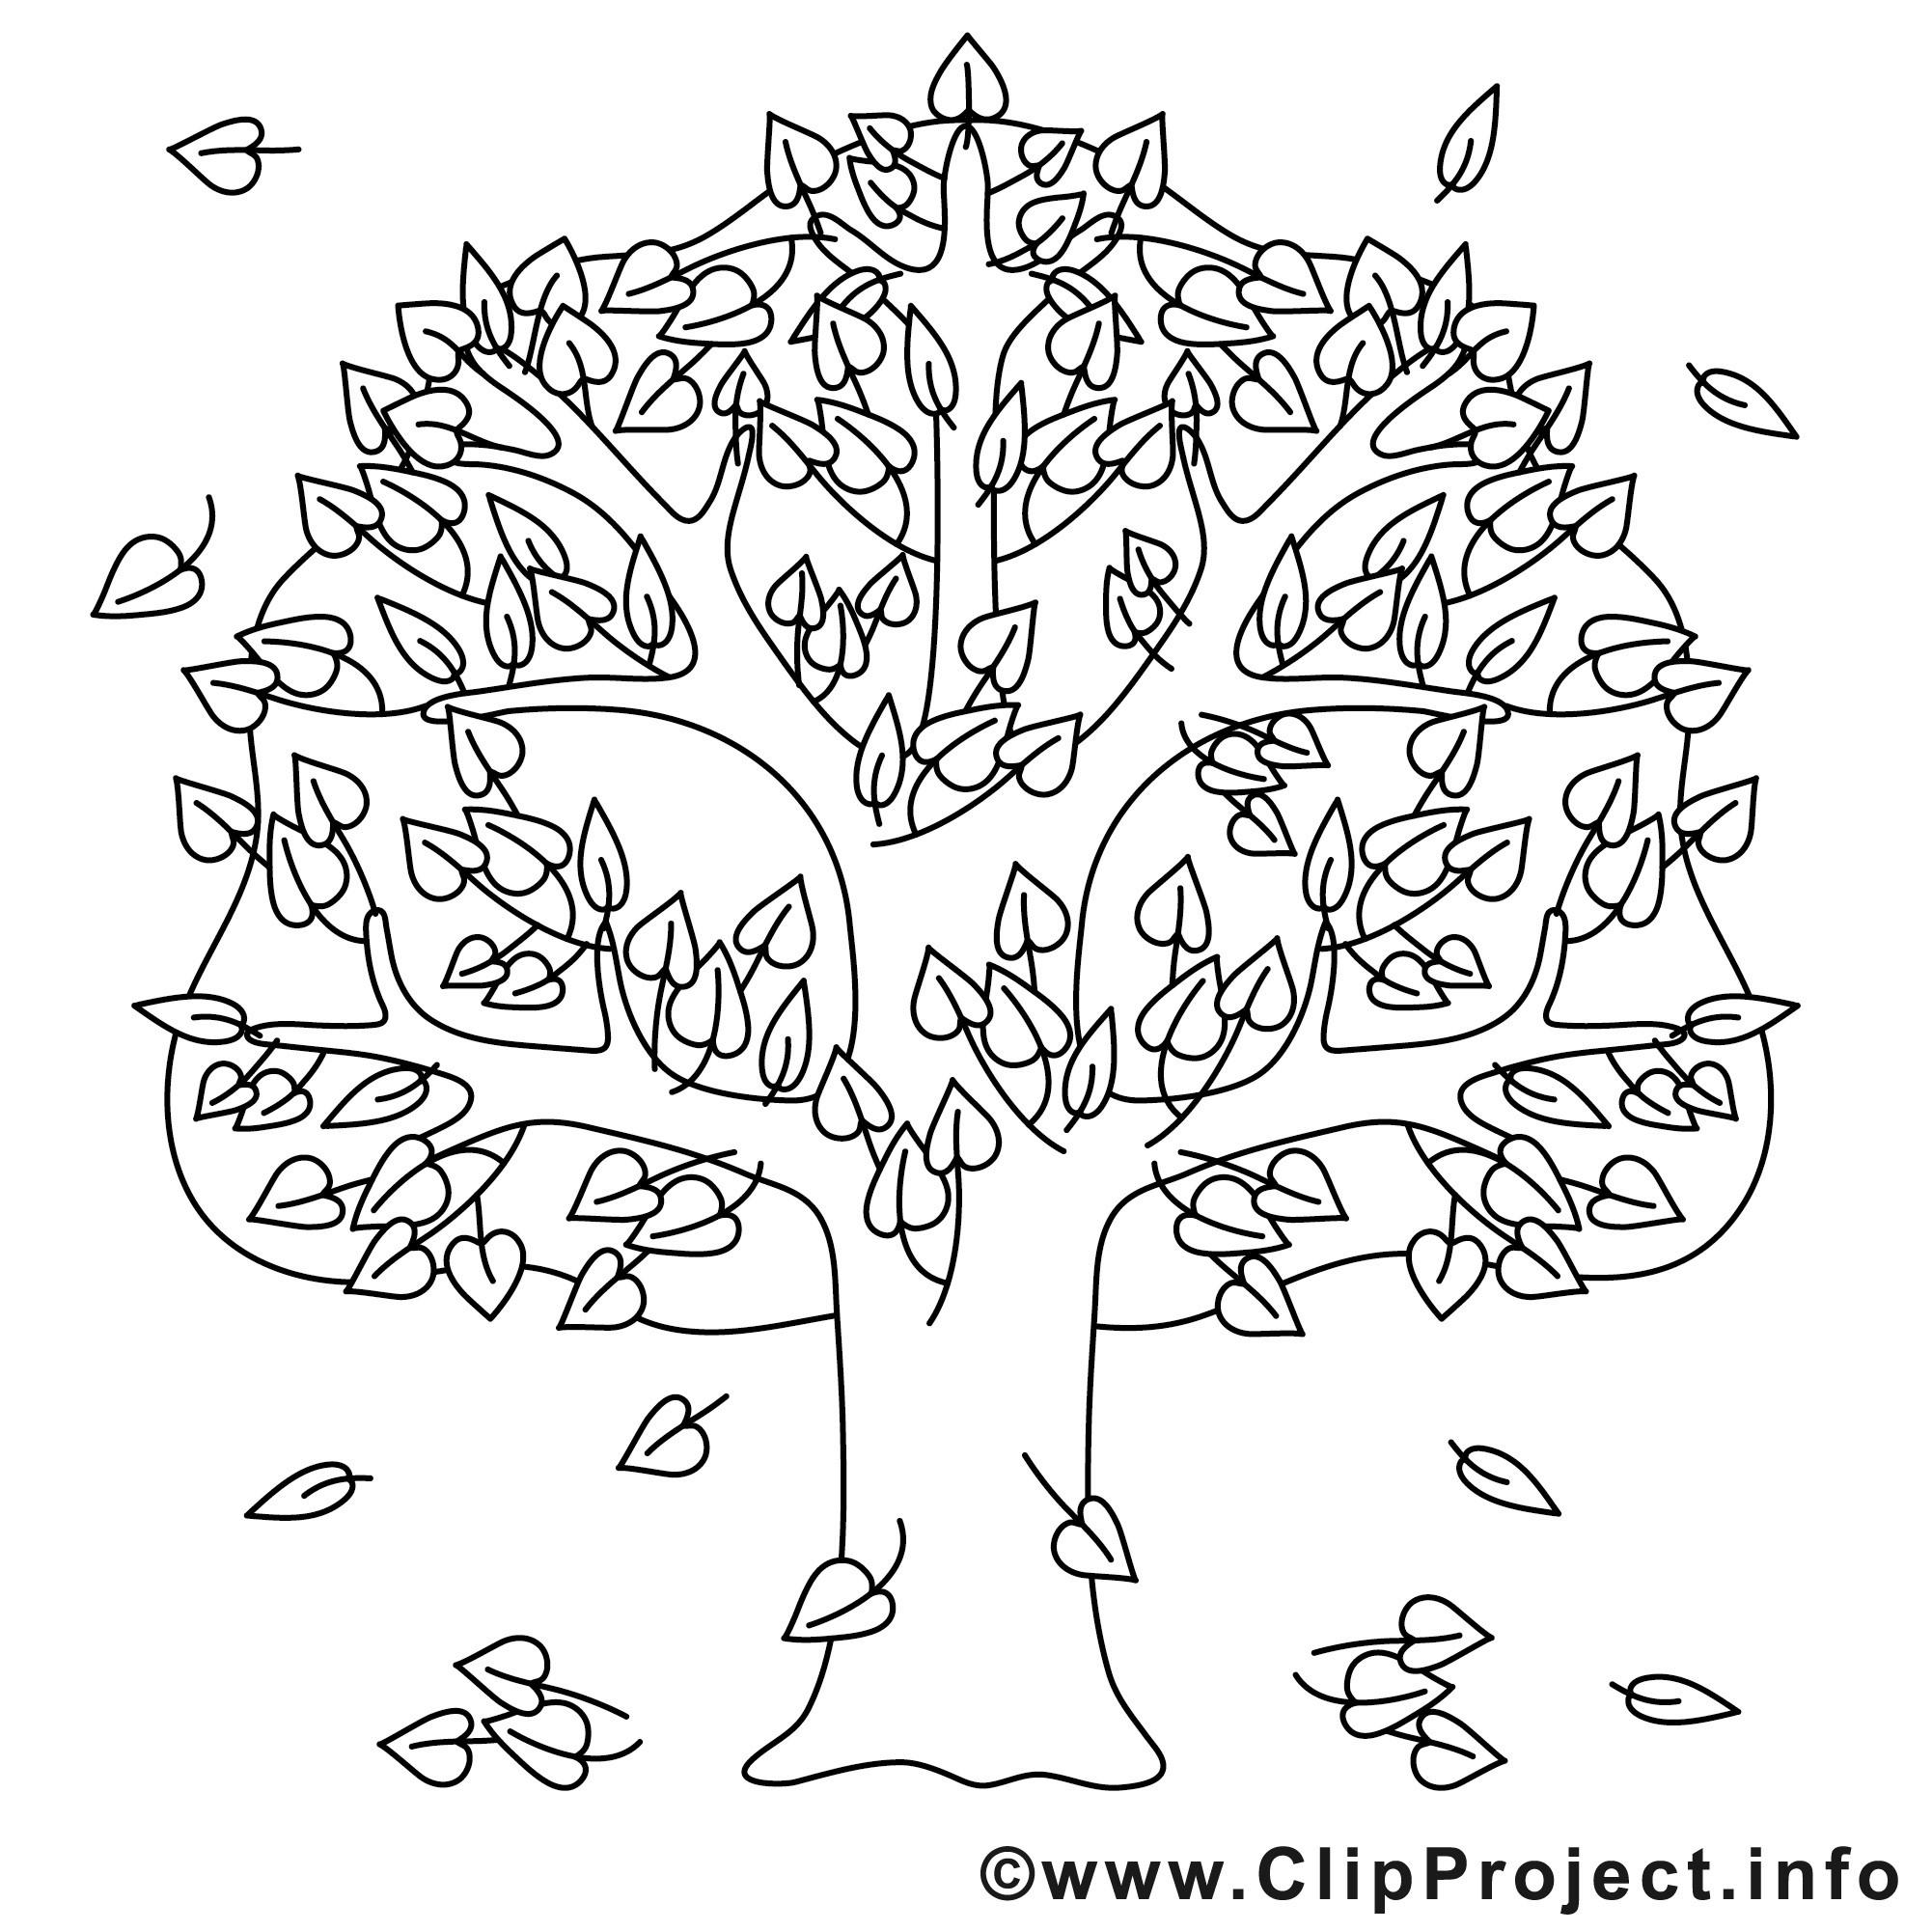 Herbstbild Zum Ausmalen Das Beste Von Eiche Ausmalbild Gratis Baum Im Herbst Ganzes Ausmalbilder Herbst Stock